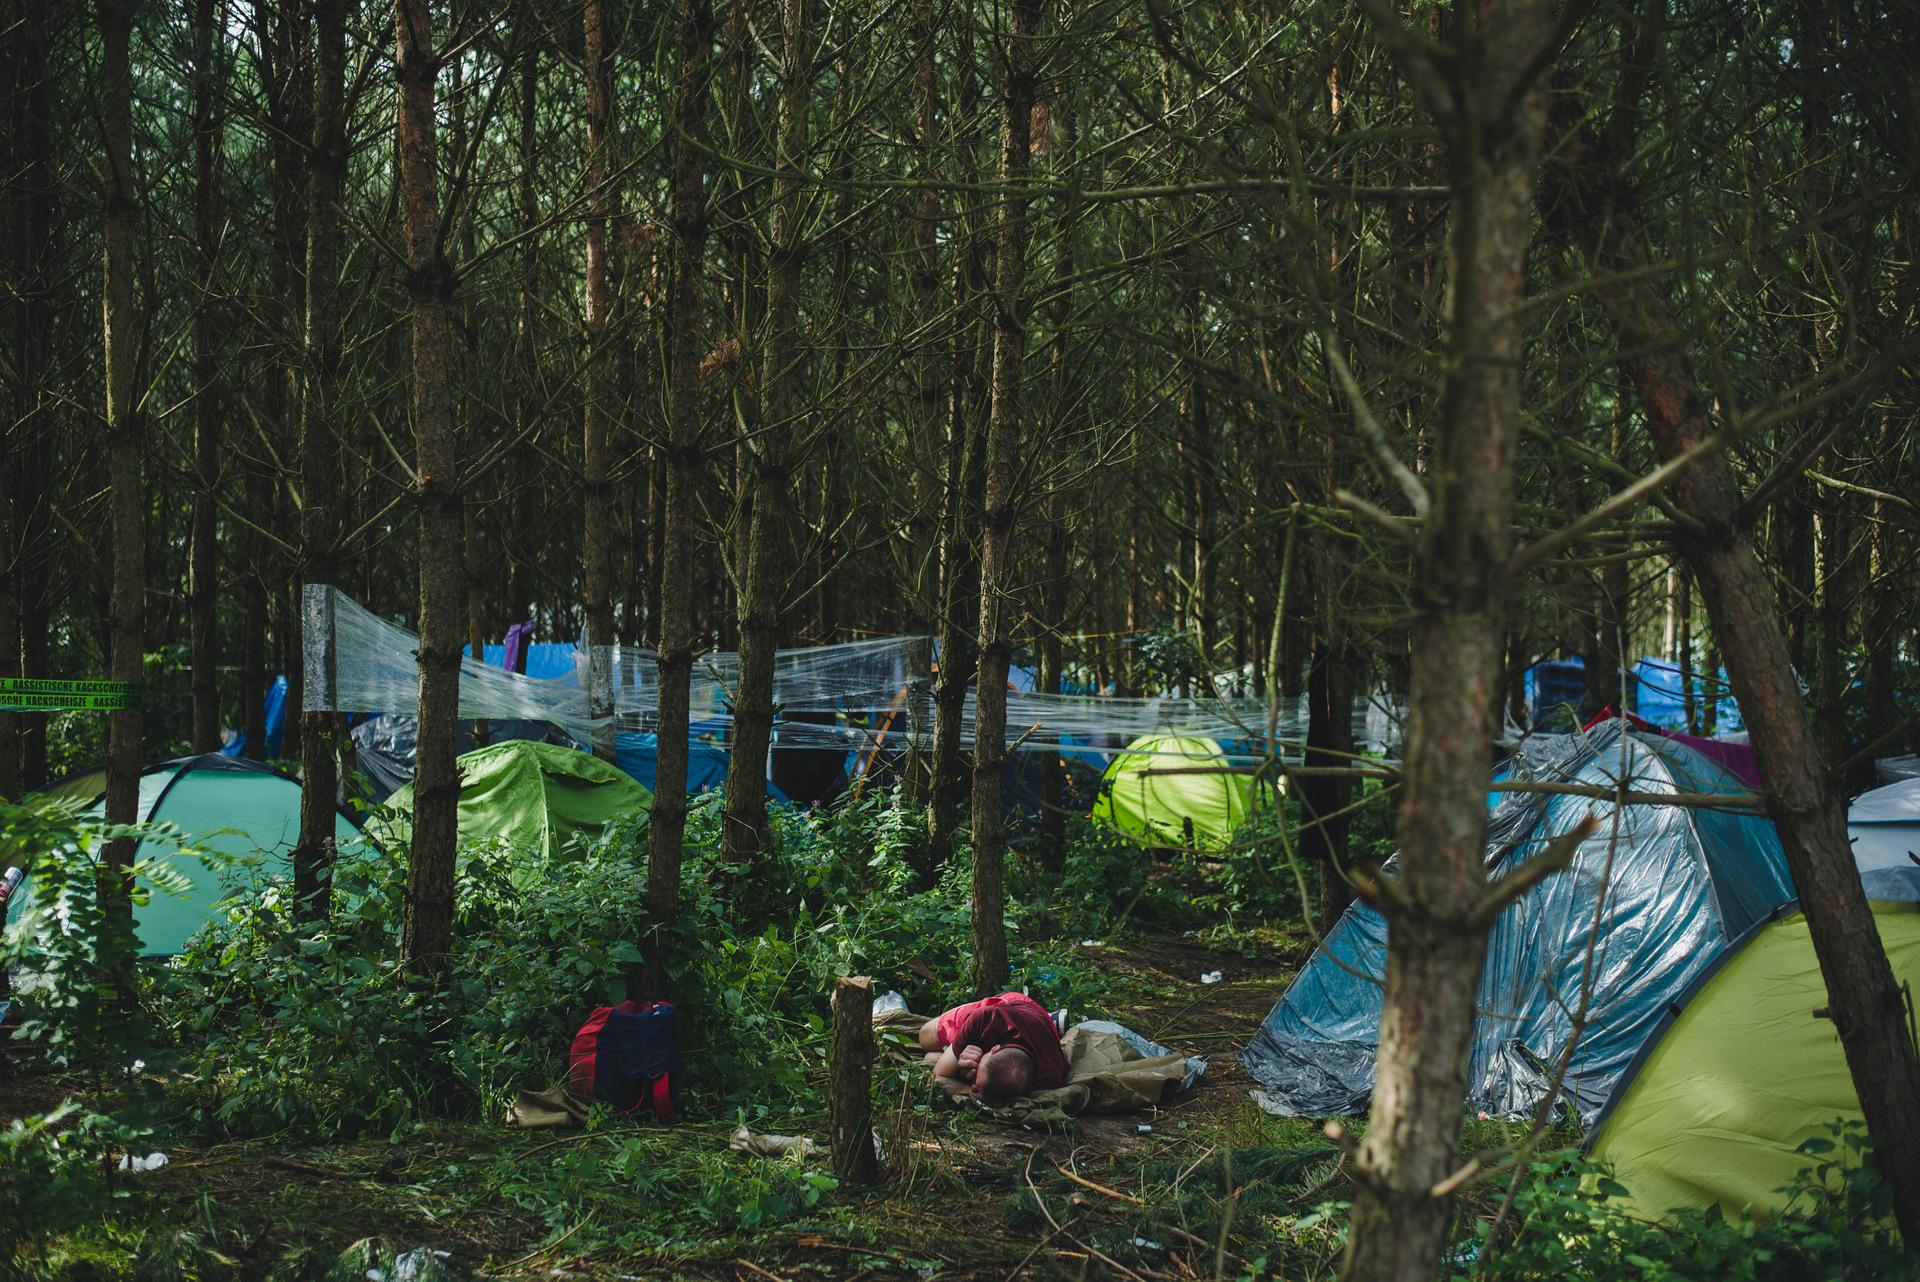 woodstock 2017